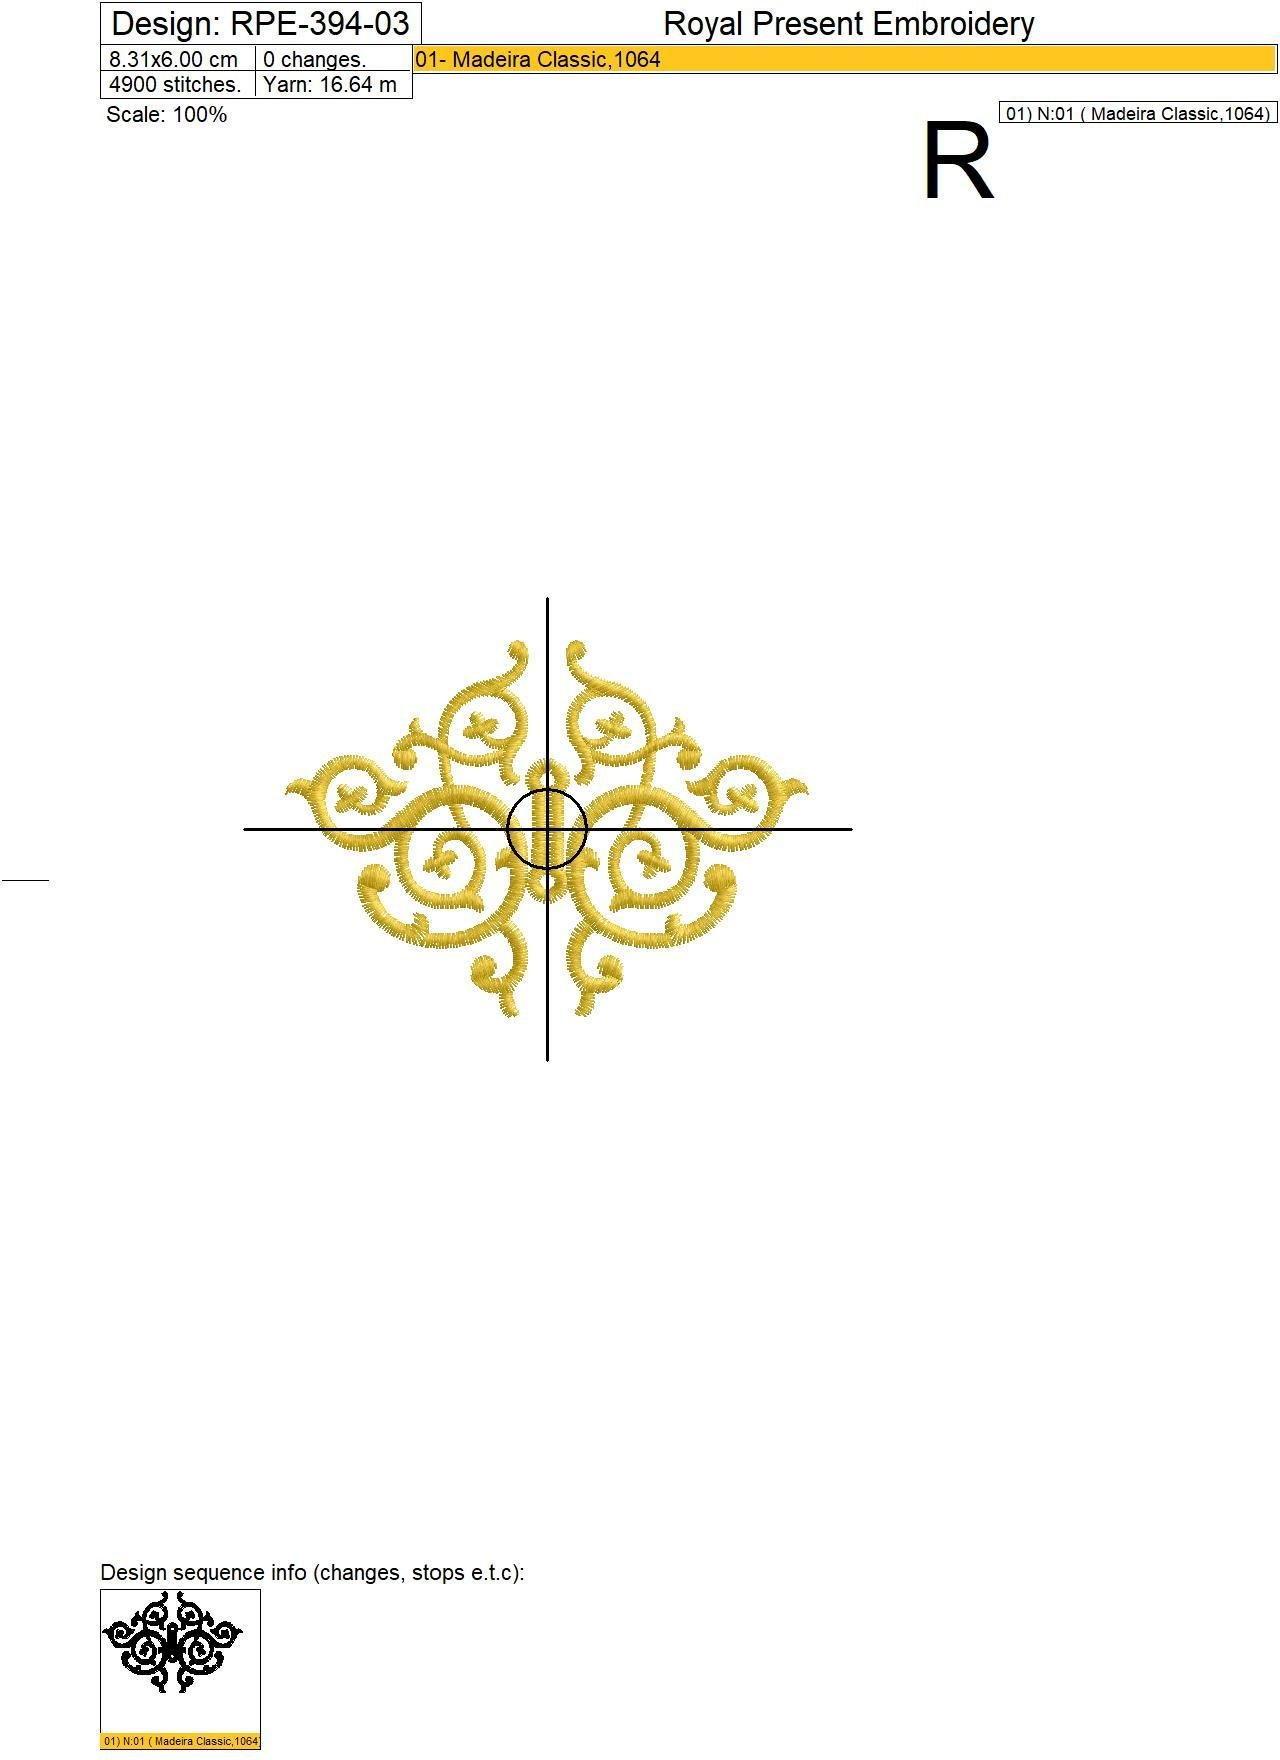 Набор дизайнов для обработки прорезей для пуговиц